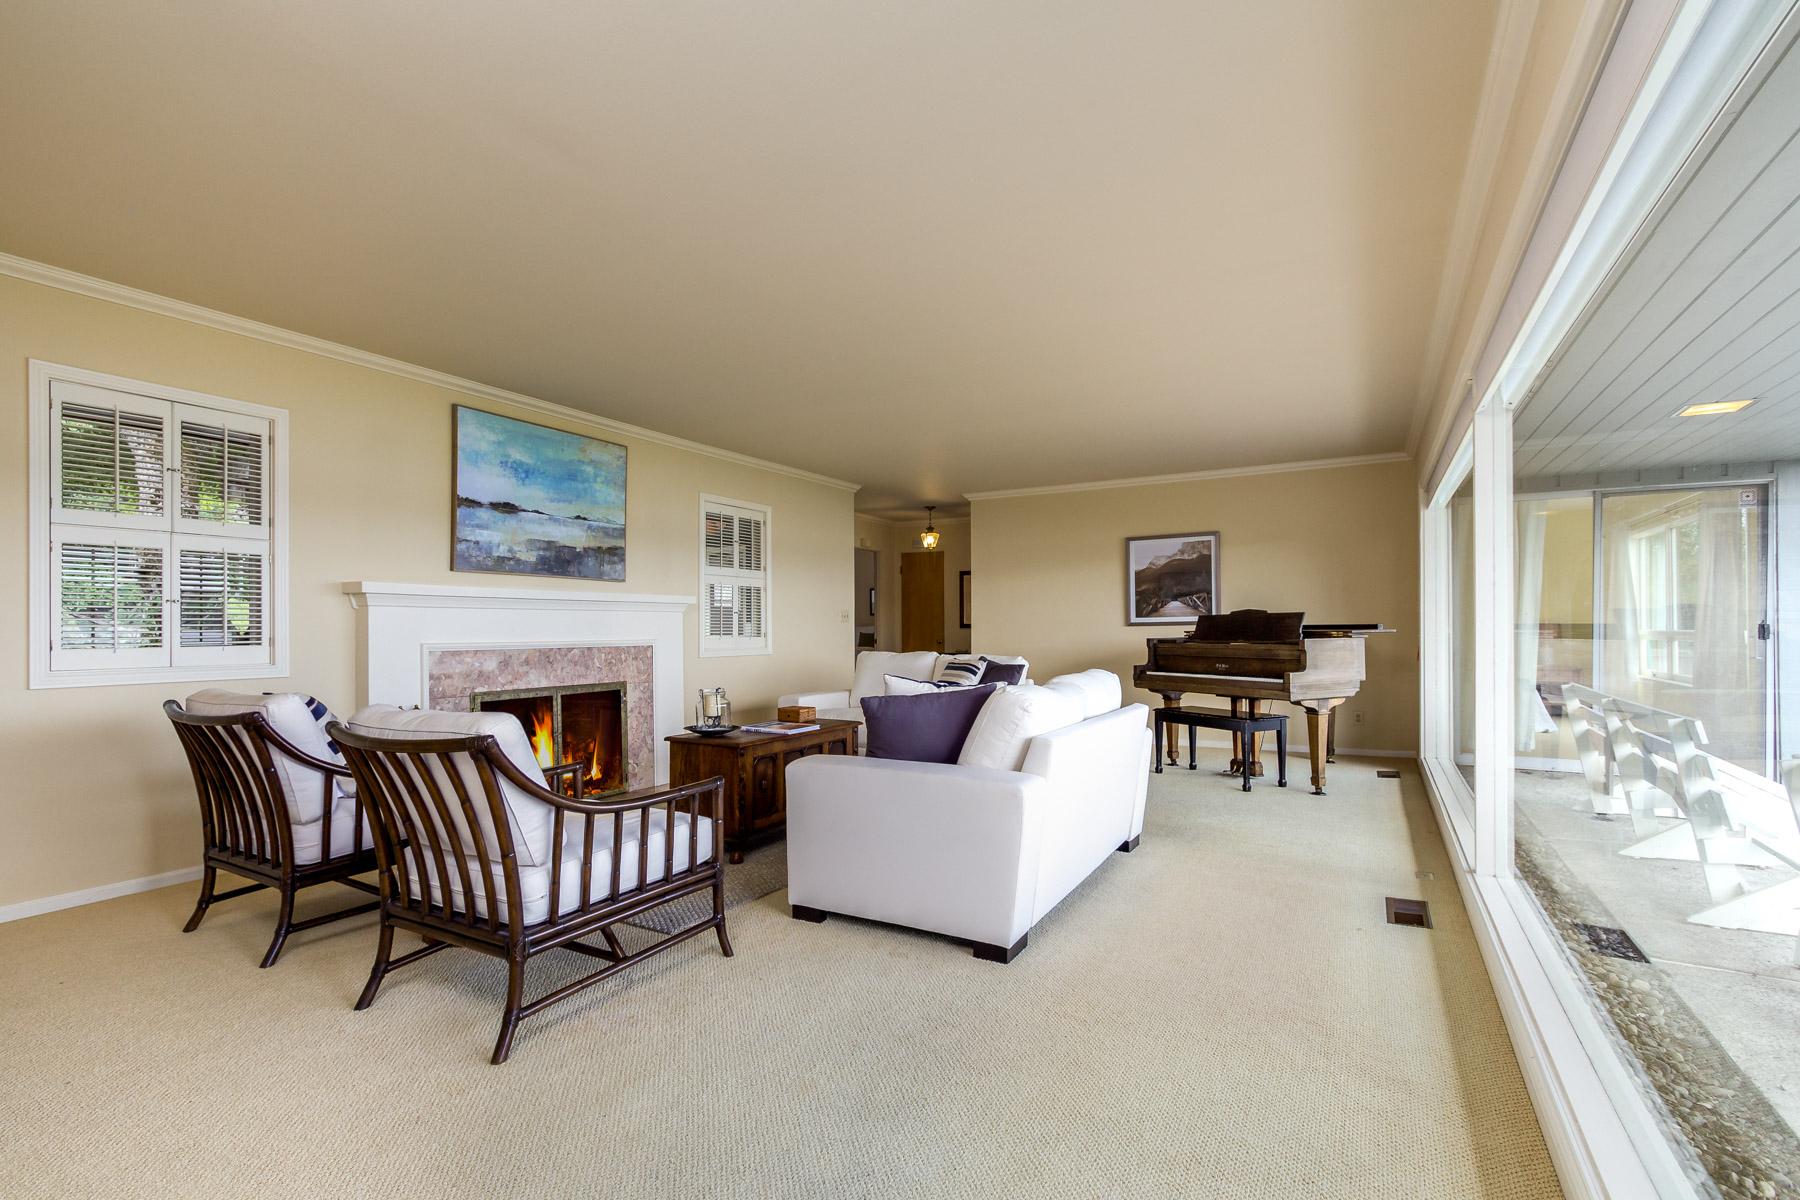 Additional photo for property listing at Island Living on Point White 3708 Point White Drive NE Bainbridge Island, Washington 98110 United States